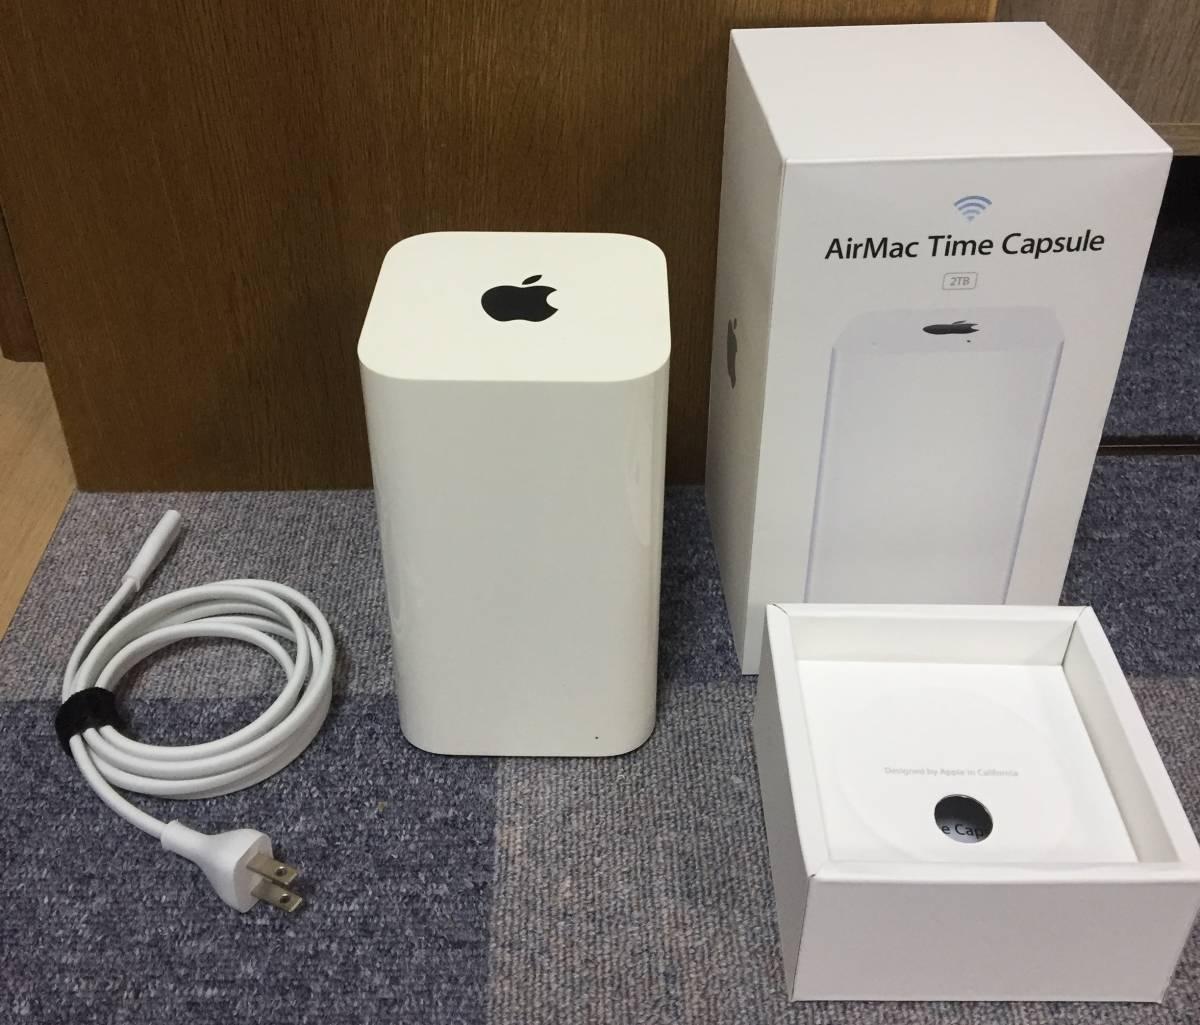 [美中古Bランク] Airmac Time Capsule 2TB ME177J/A 802.11ac エアーマック Apple ルーター Wifi タイムカプセル_画像6